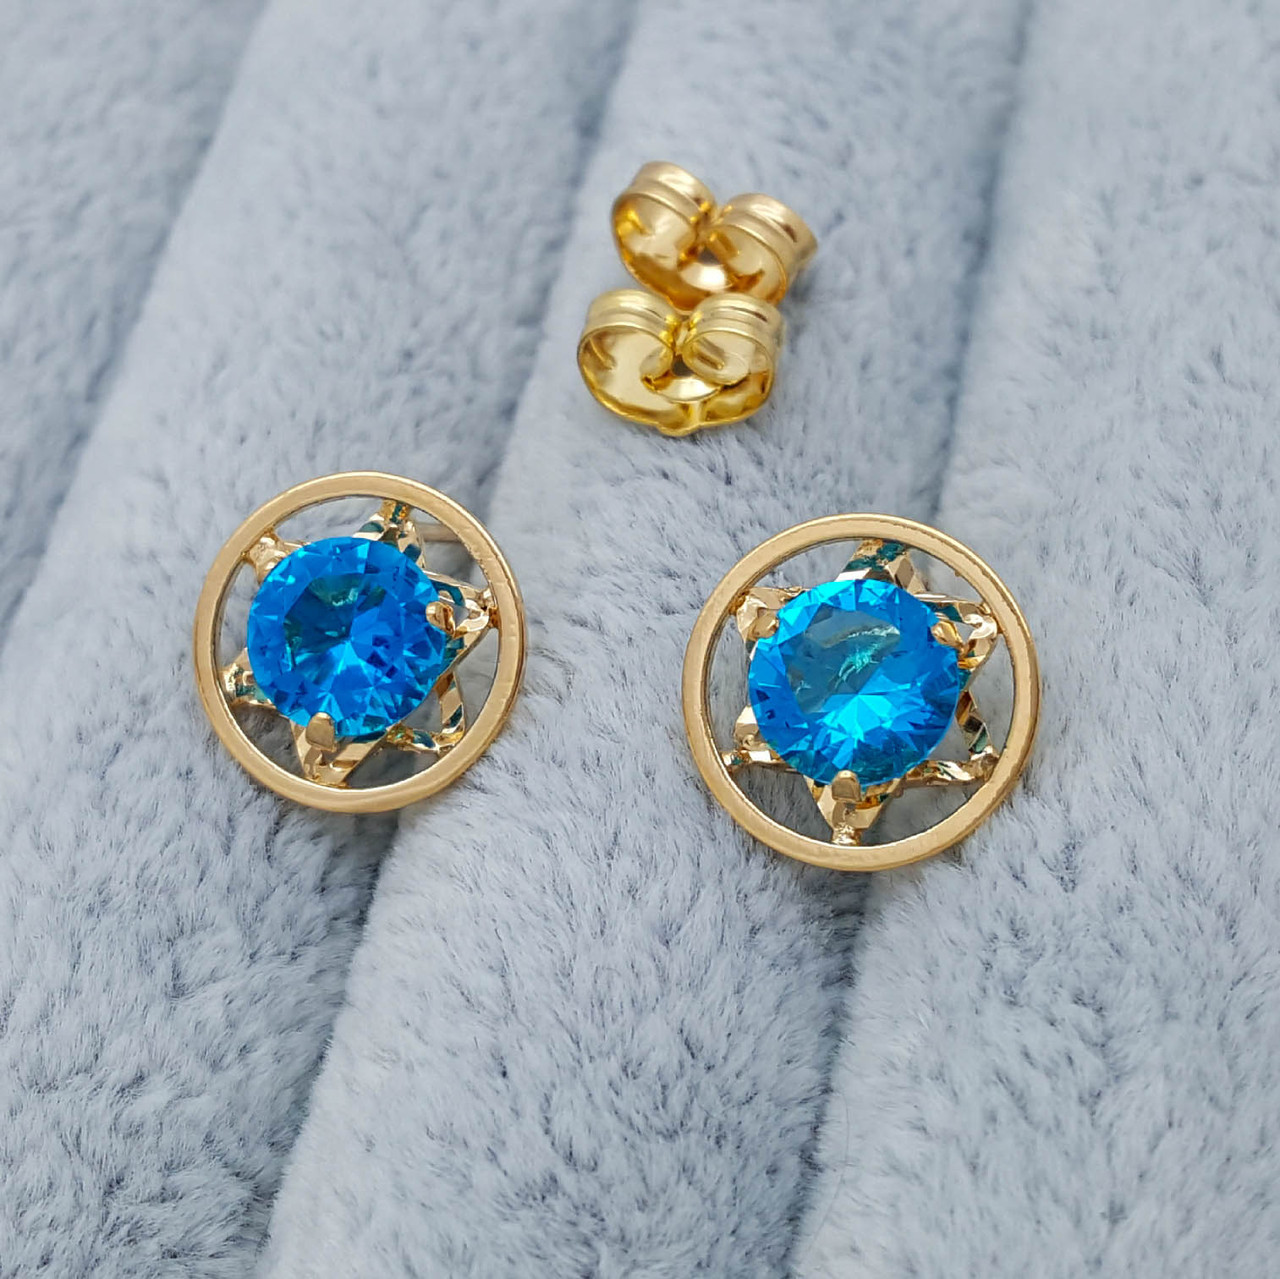 Сережки цвяшки, Круг з блакитним цирконієм, медзолото Xuping, 18К